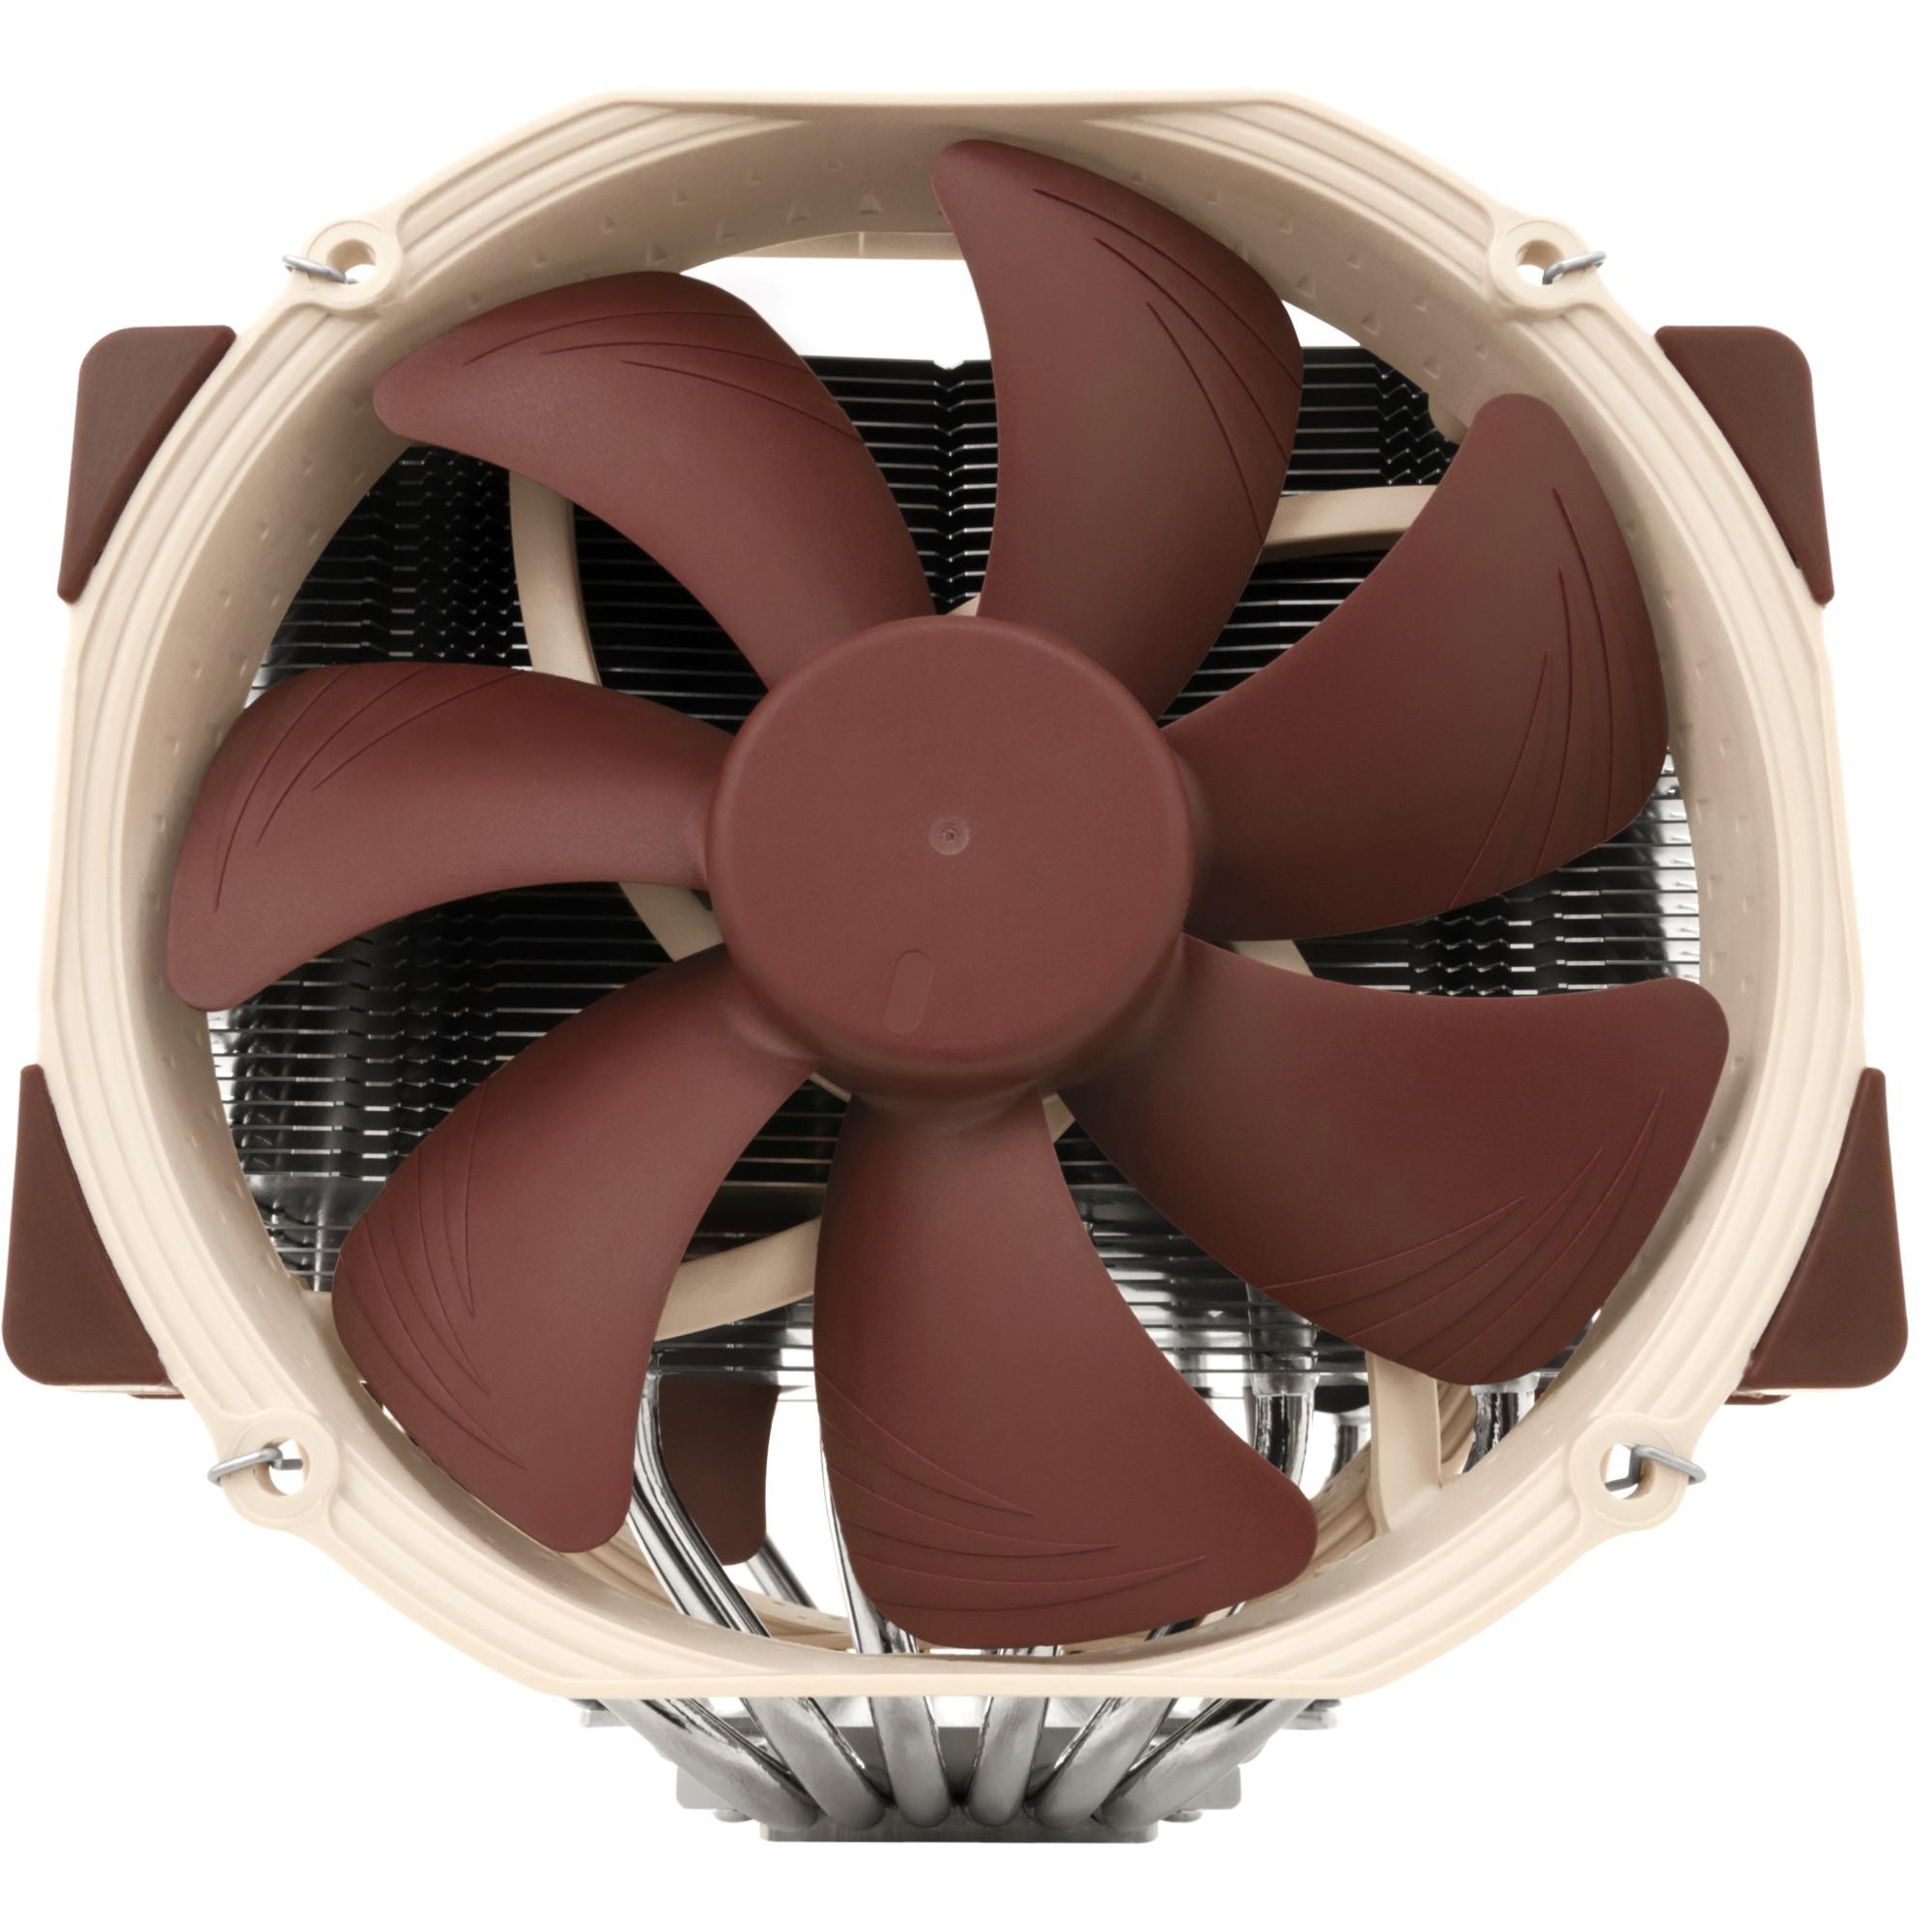 NH-D15 SE-AM4 Processeur Refroidisseur ventilateur, refroidisseur et radiateur, Ventirad